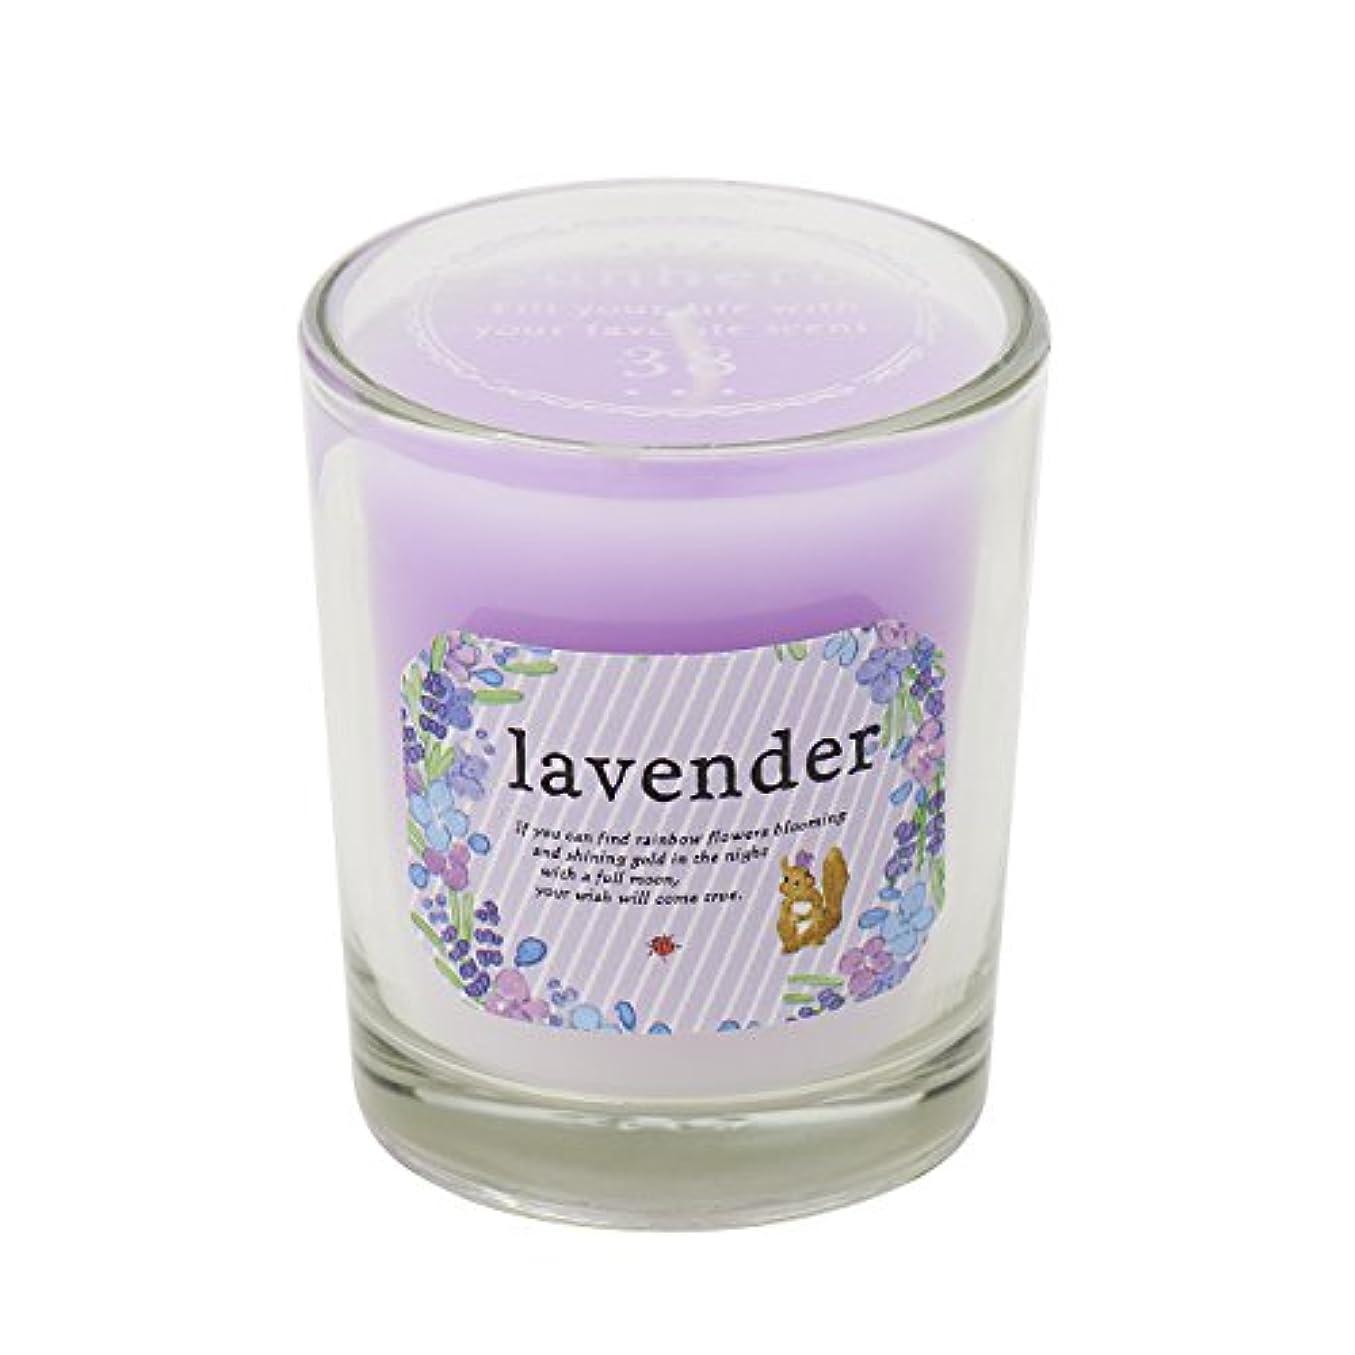 学習伸ばすわかるサンハーブ グラスキャンドル ラベンダー 35g(グラデーションろうそく 燃焼時間約10時間 ふわっと爽やかなラベンダーの香り)